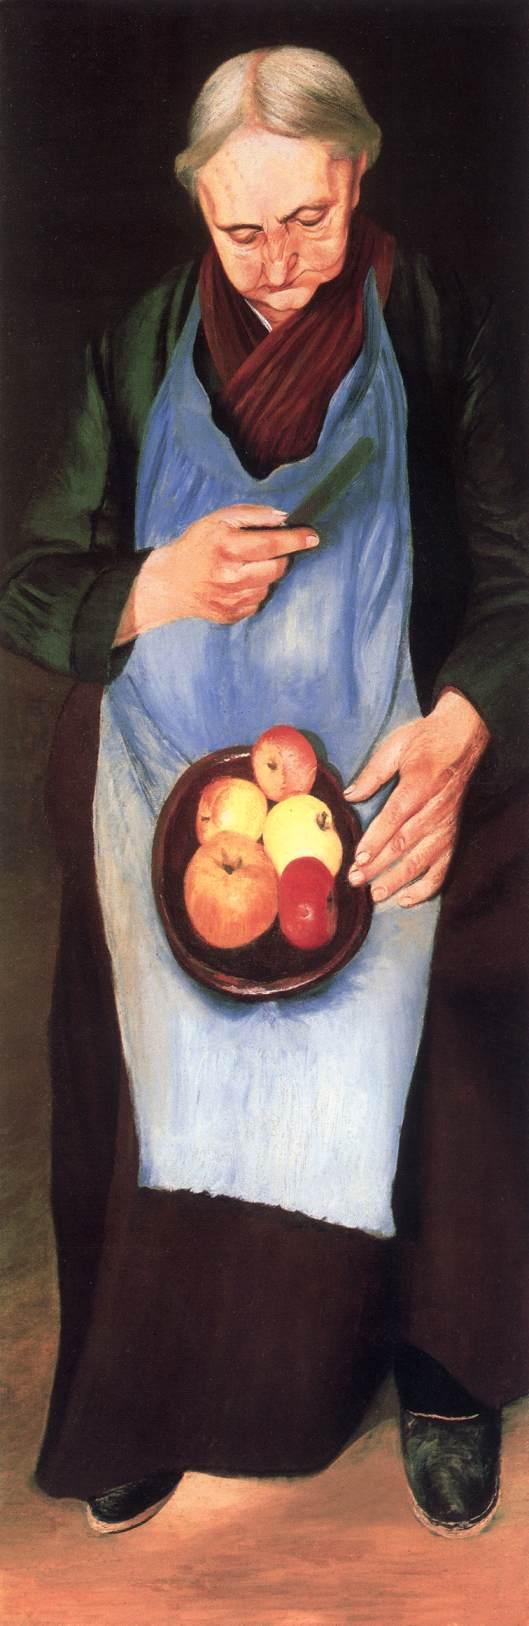 Old Woman Peeliing Apple c 1894 | Kosztka Tivdar Csontvary | oil painting